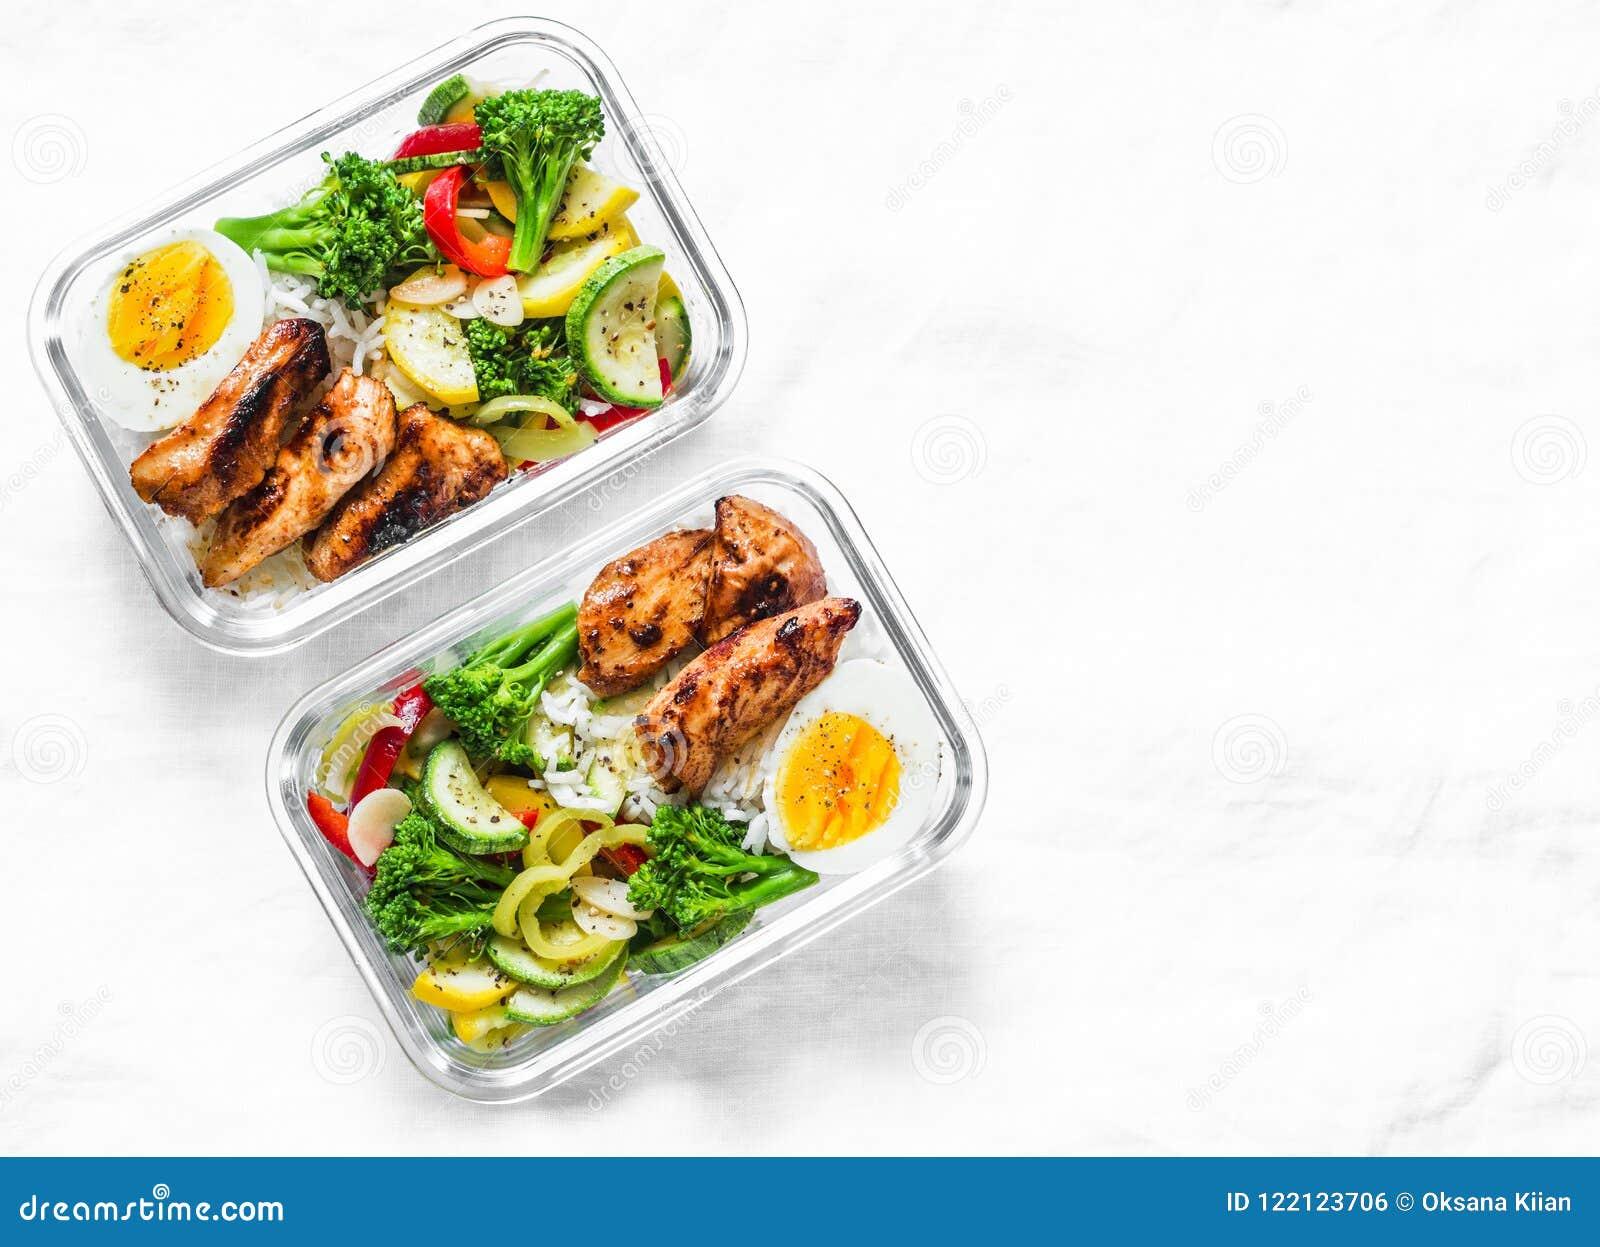 Рис, потушенные овощи, яичко, цыпленок teriyaki - здоровая сбалансированная коробка для завтрака на светлой предпосылке, взгляд с